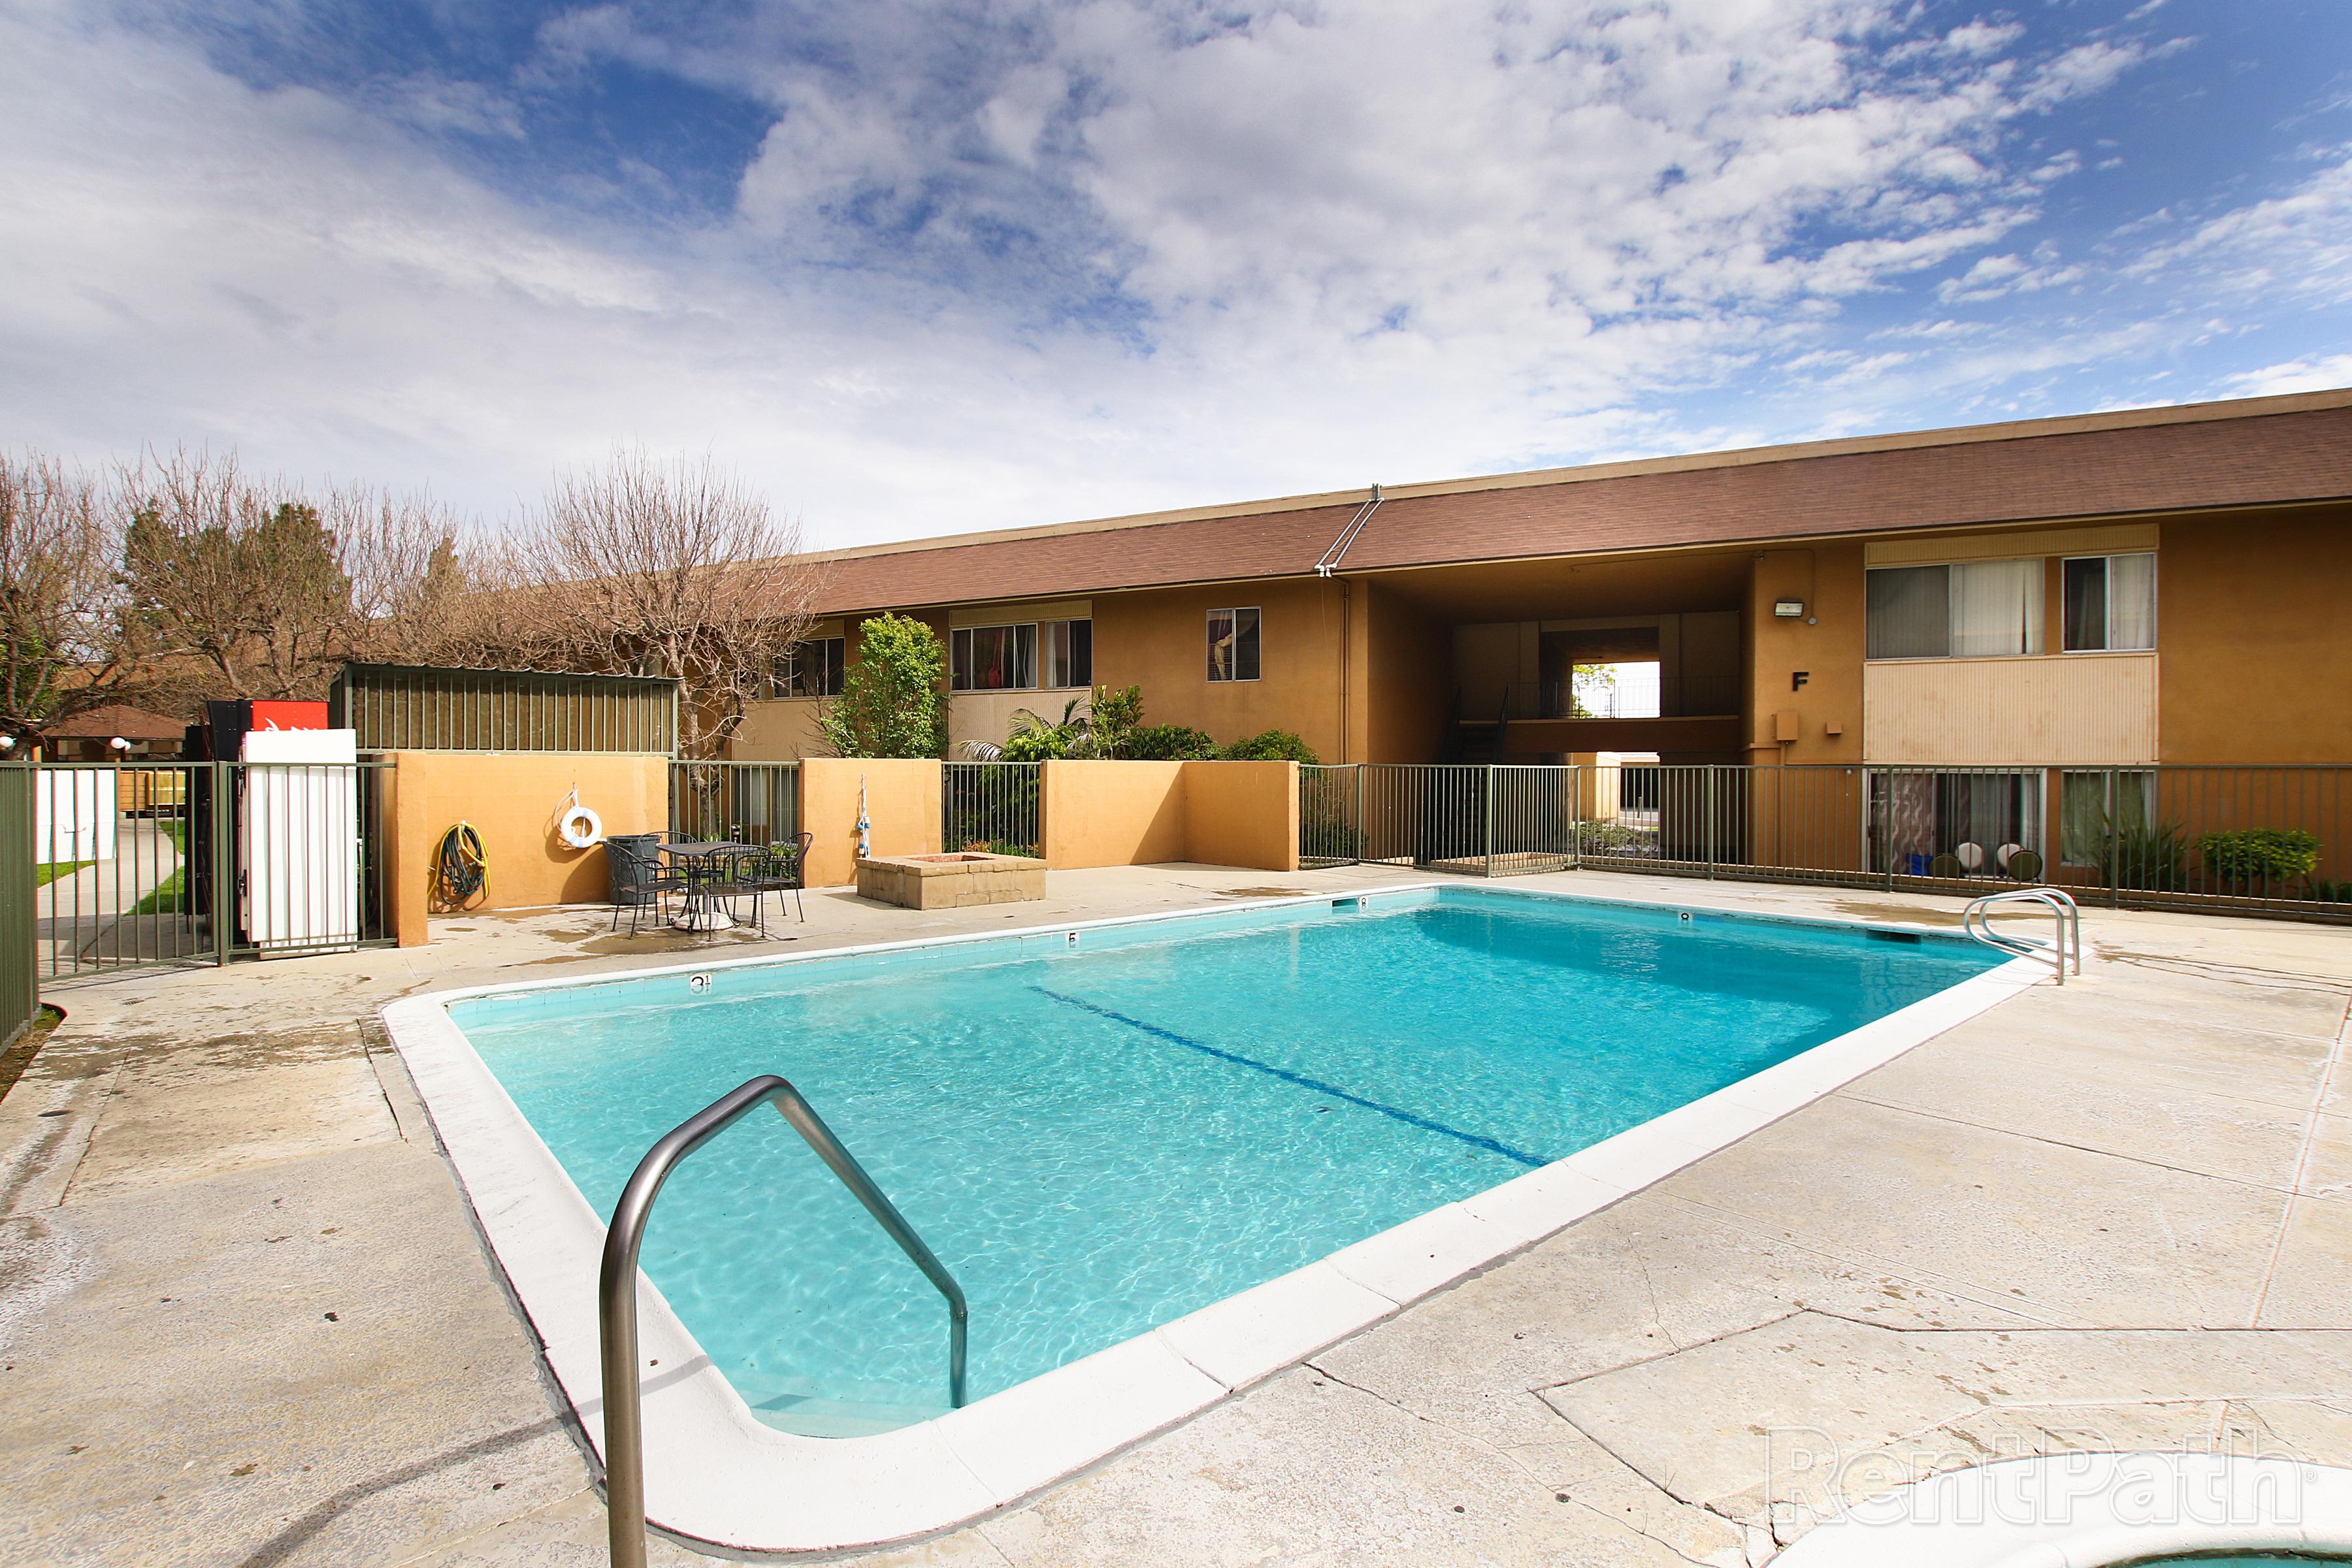 Biltmore Apartments Image #2